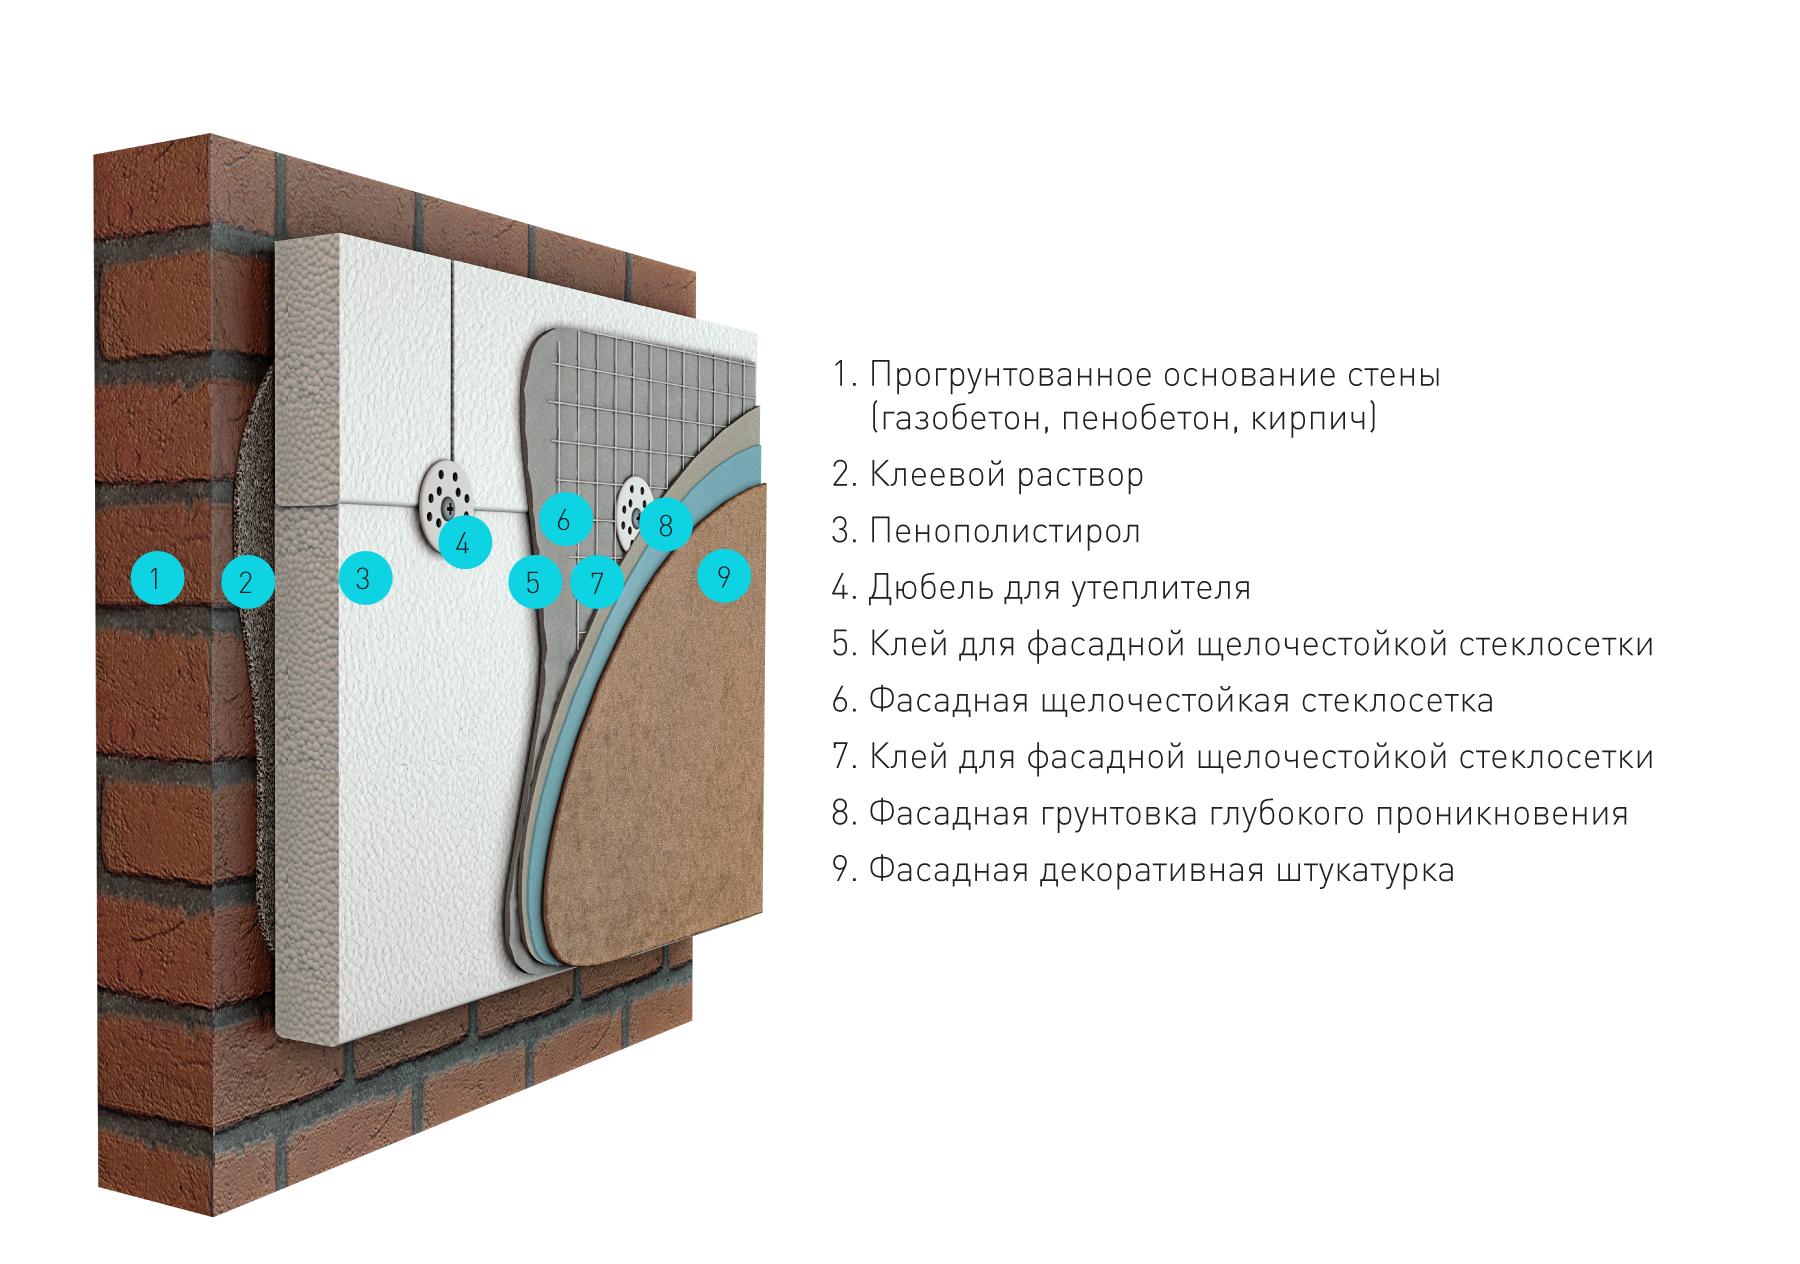 Утепление крыши пенопластом (пенополистиролом): плюсы и минусы, технология утепления